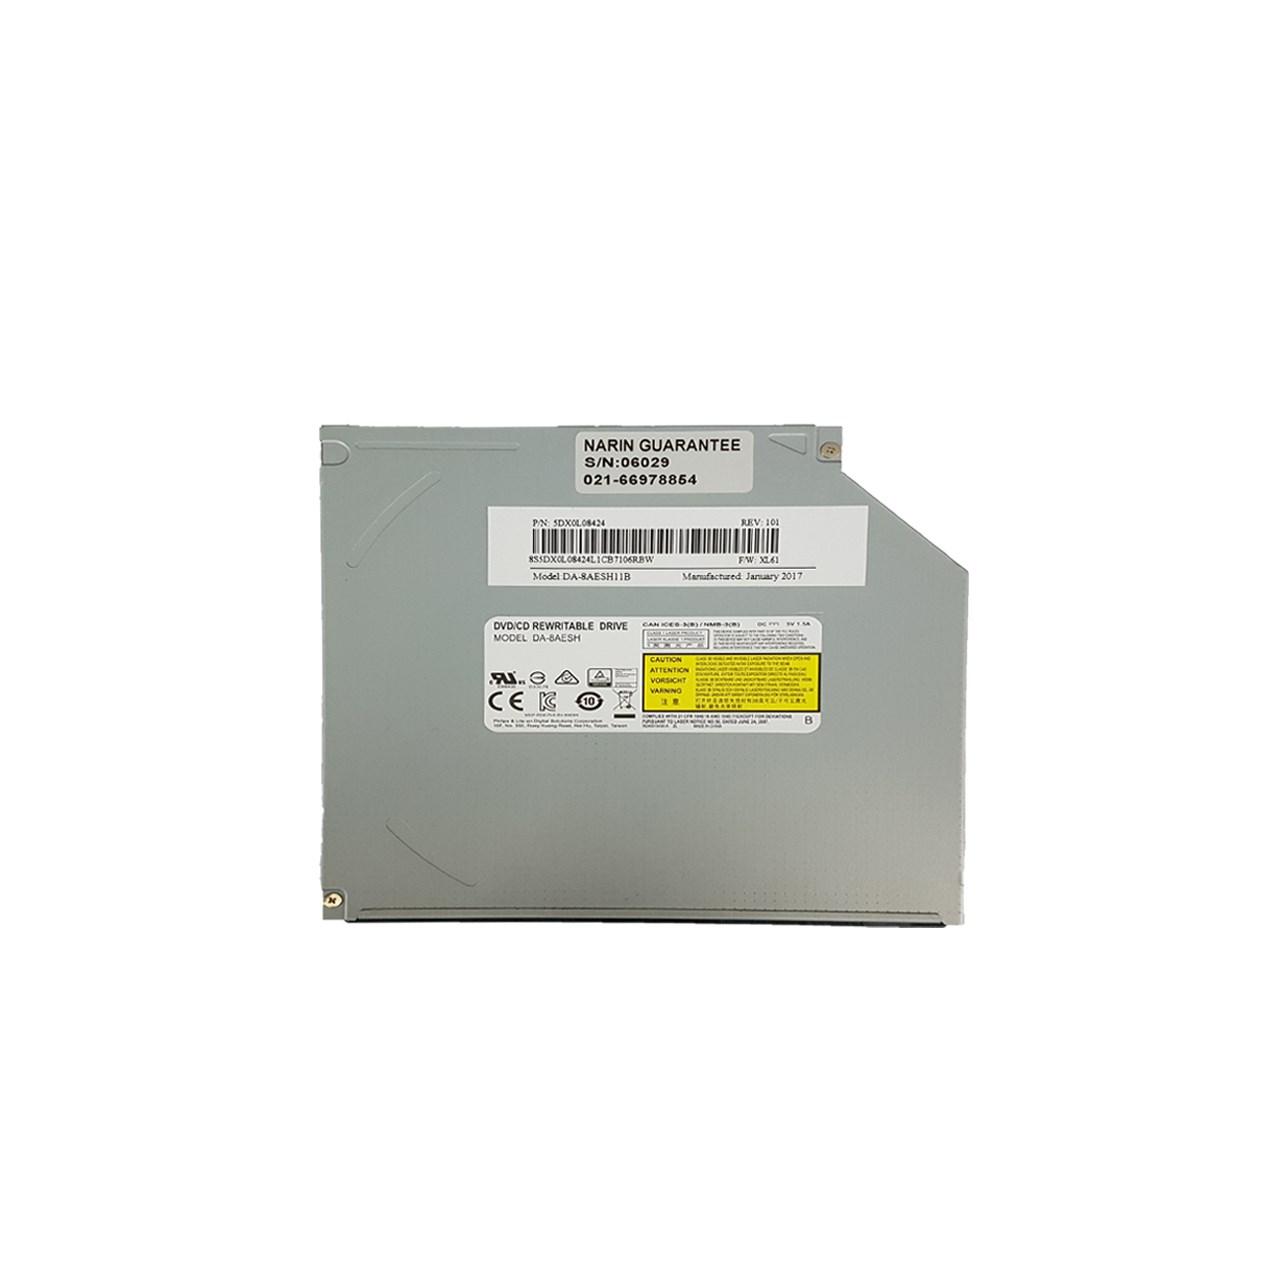 درایو DVD اینترنال فیلیپس مدل DA-8AESH